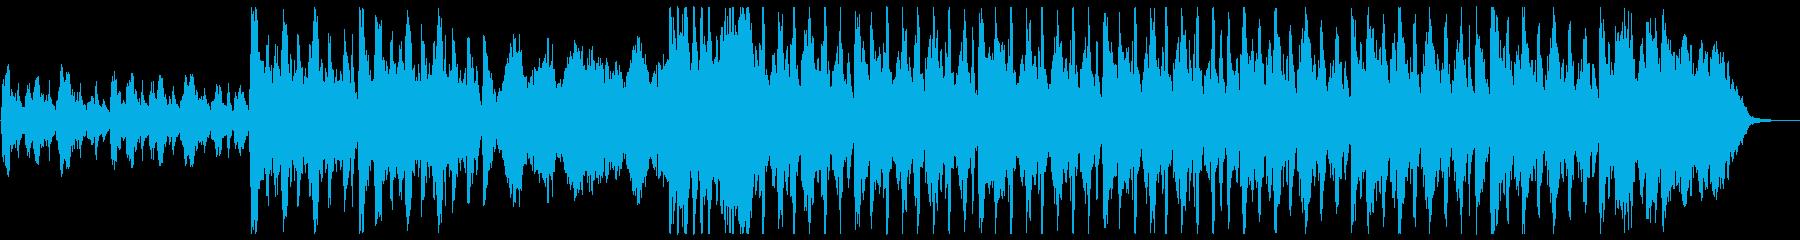 おしゃれなミドルテンポ小編成ストリングスの再生済みの波形